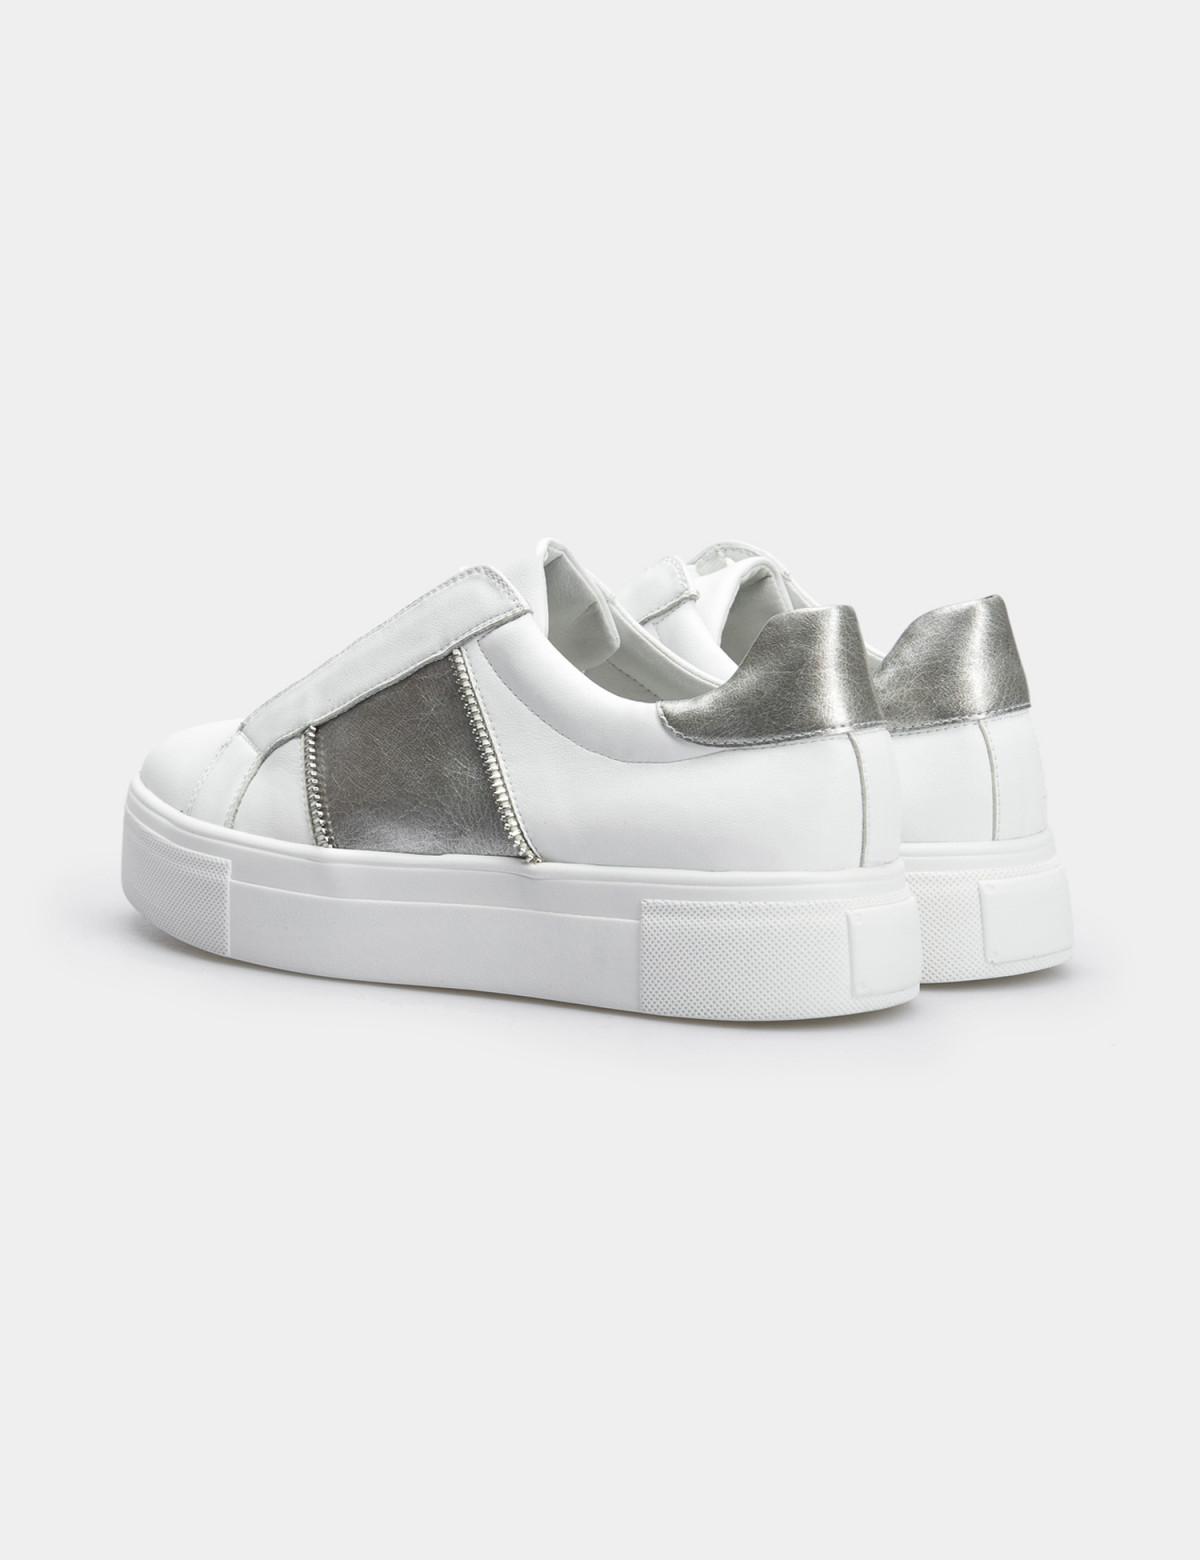 Кроссовки белые, натуральная кожа2